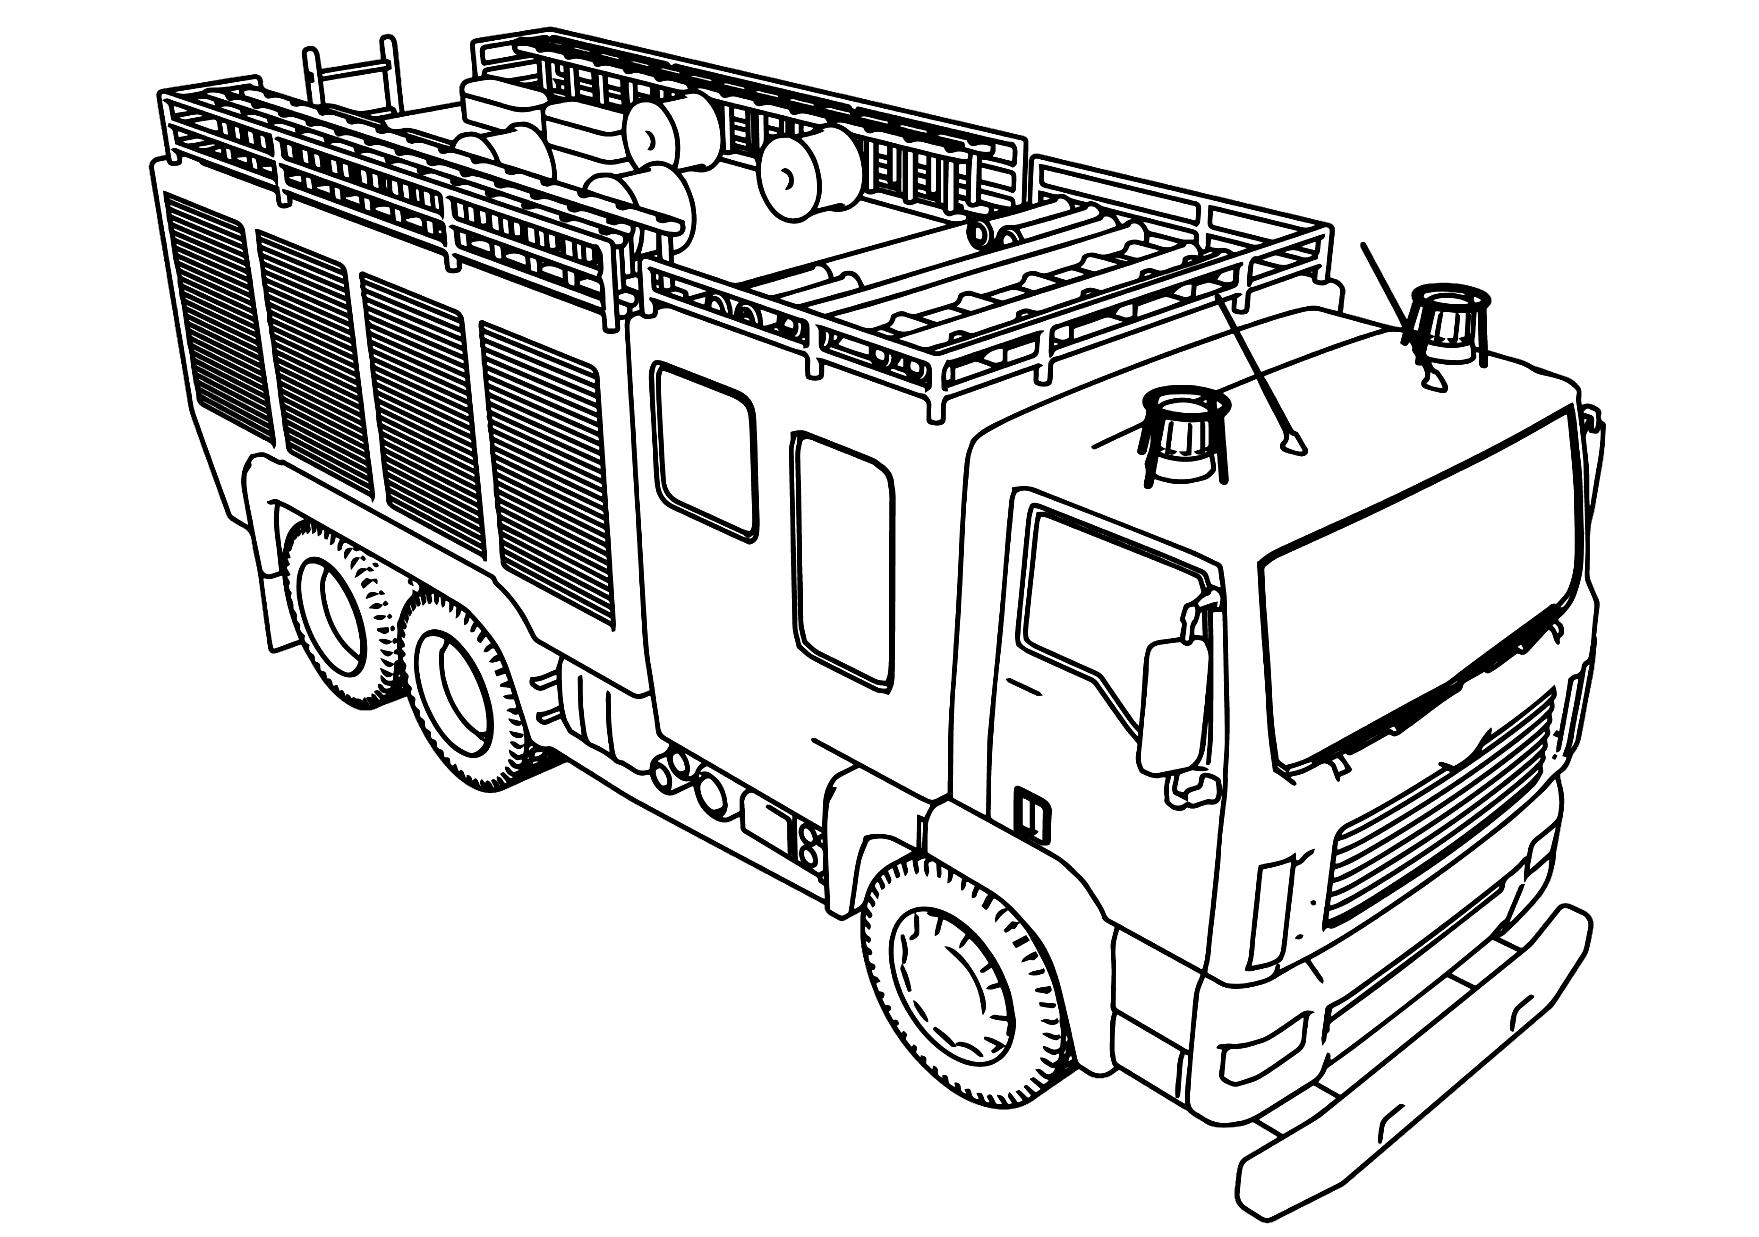 Tranh tô màu xe cứu hỏa nhìn từ trên cao xuống